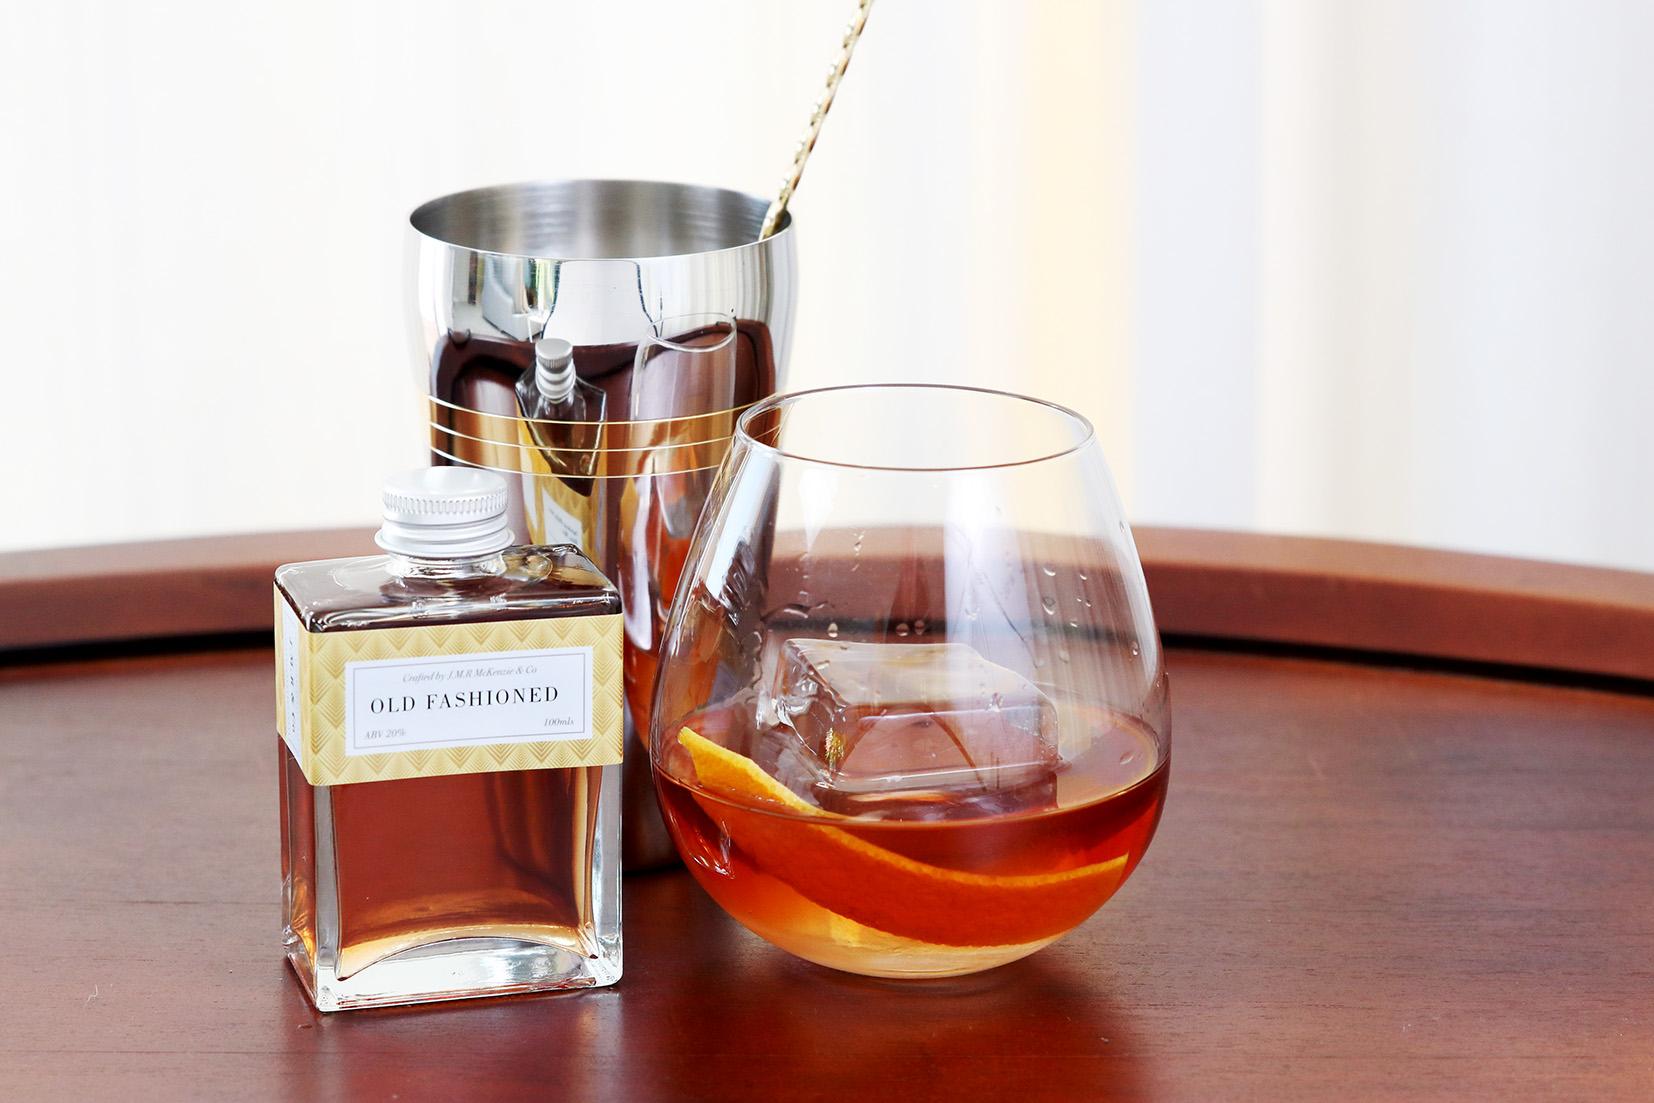 J.M.R Cocktail & Co